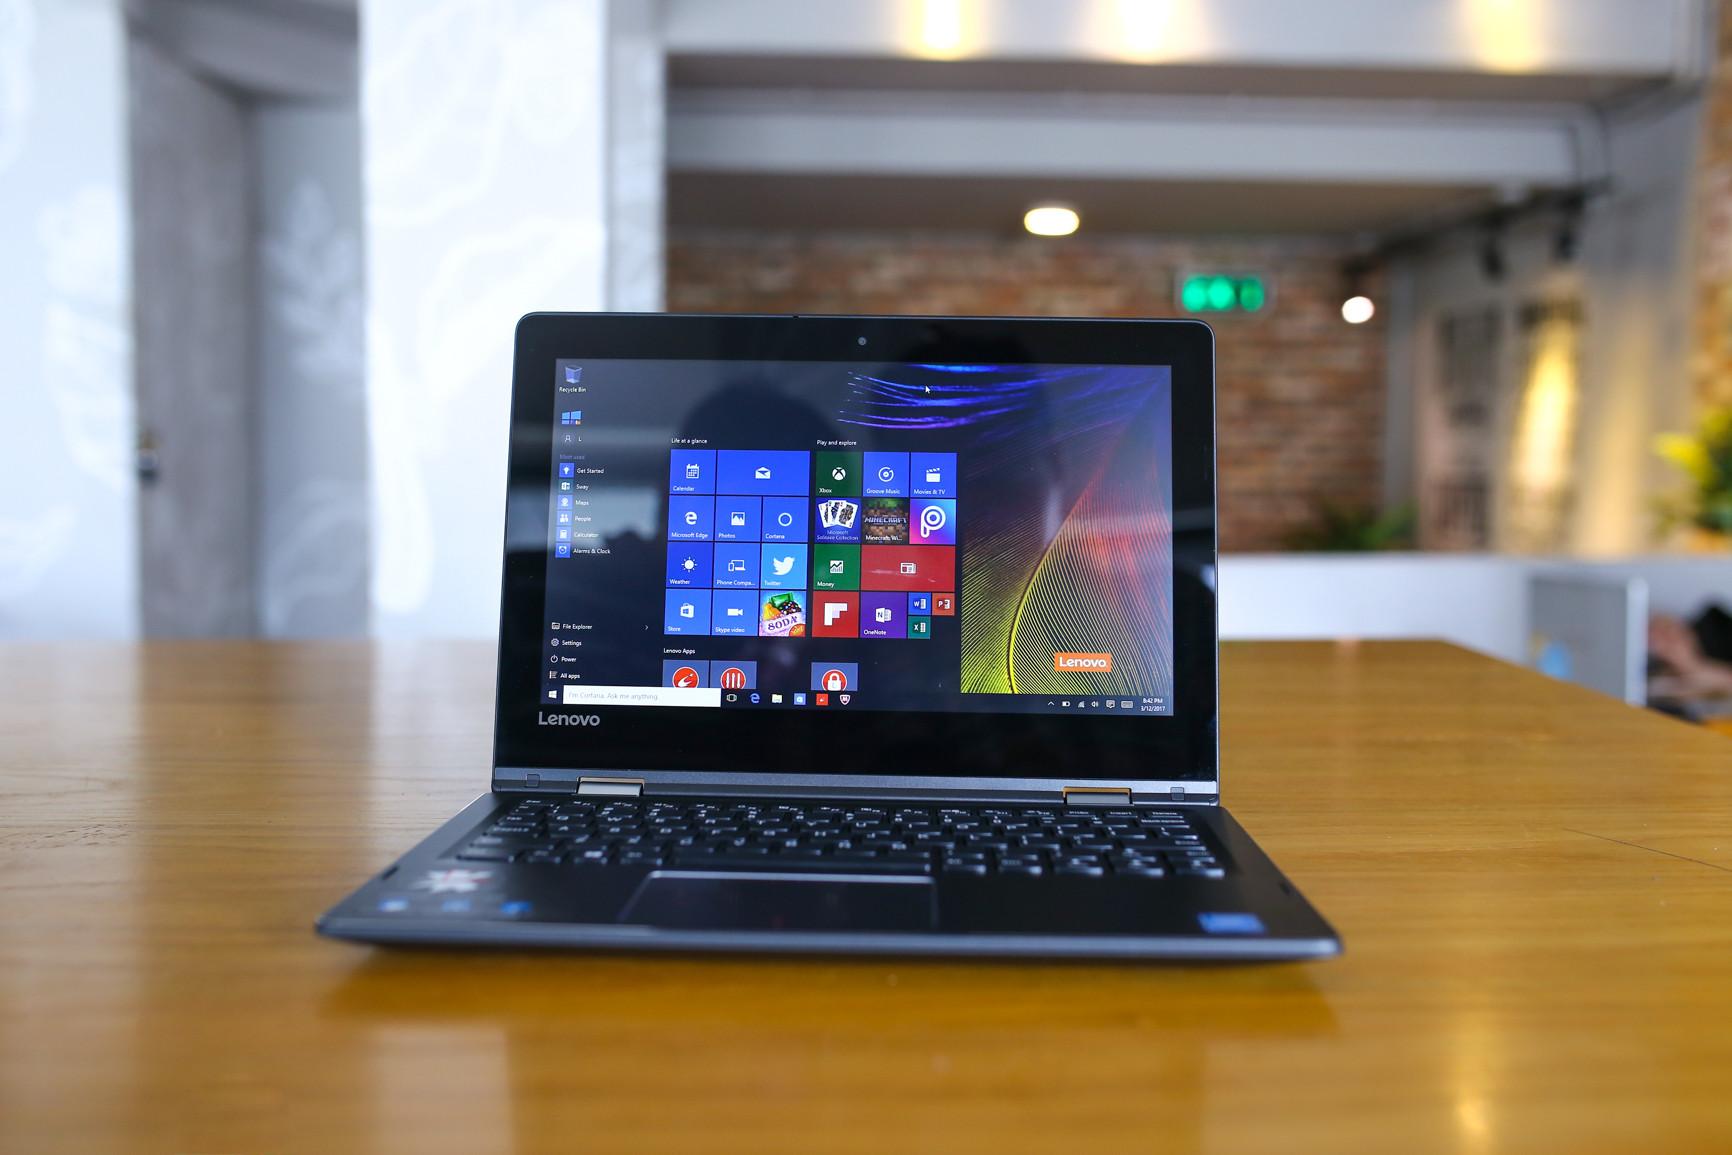 Tiêu chí chọn mua laptop cho dân văn phòng 2